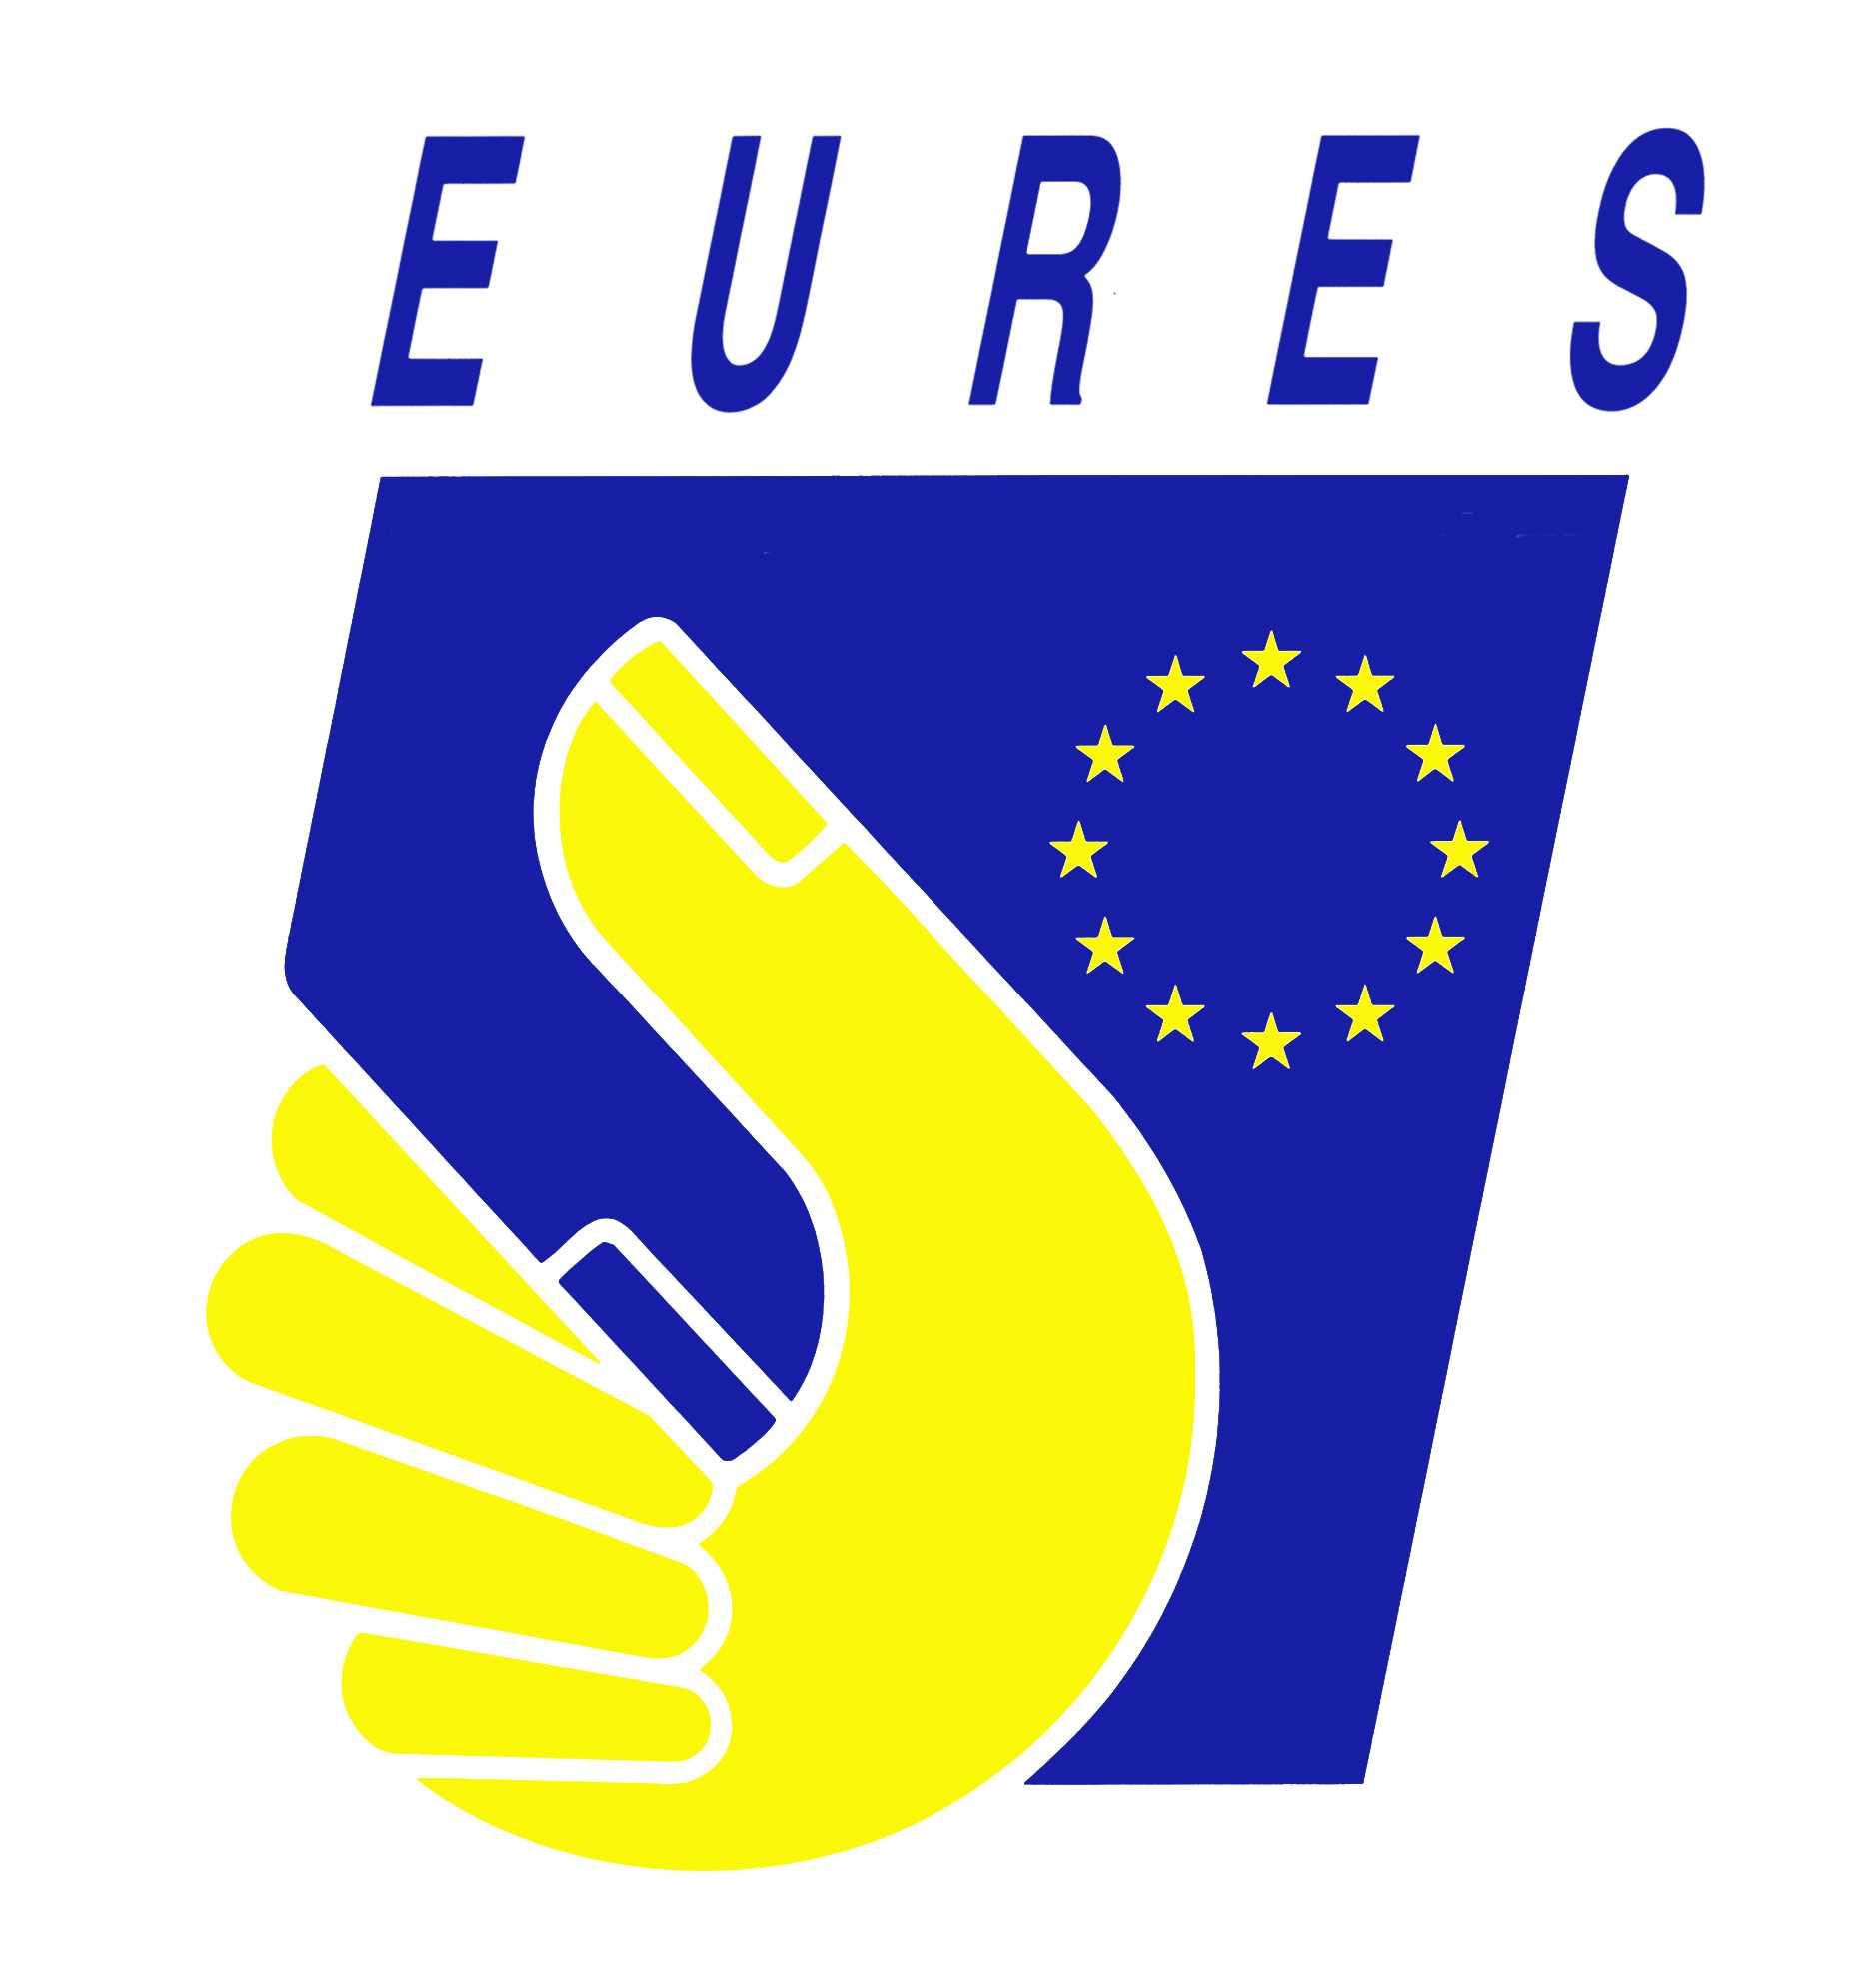 EURES-Grande.jpg